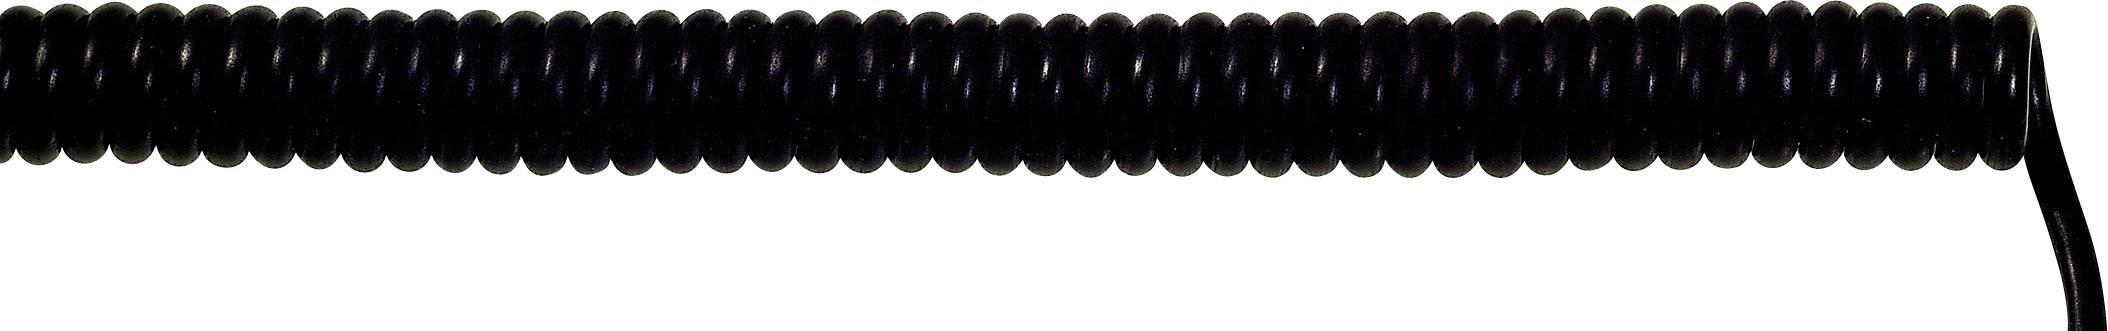 Špirálový kábel 73220213 UNITRONIC® SPIRAL 4 x 0.14 mm², 400 mm / 1600 mm, čierna